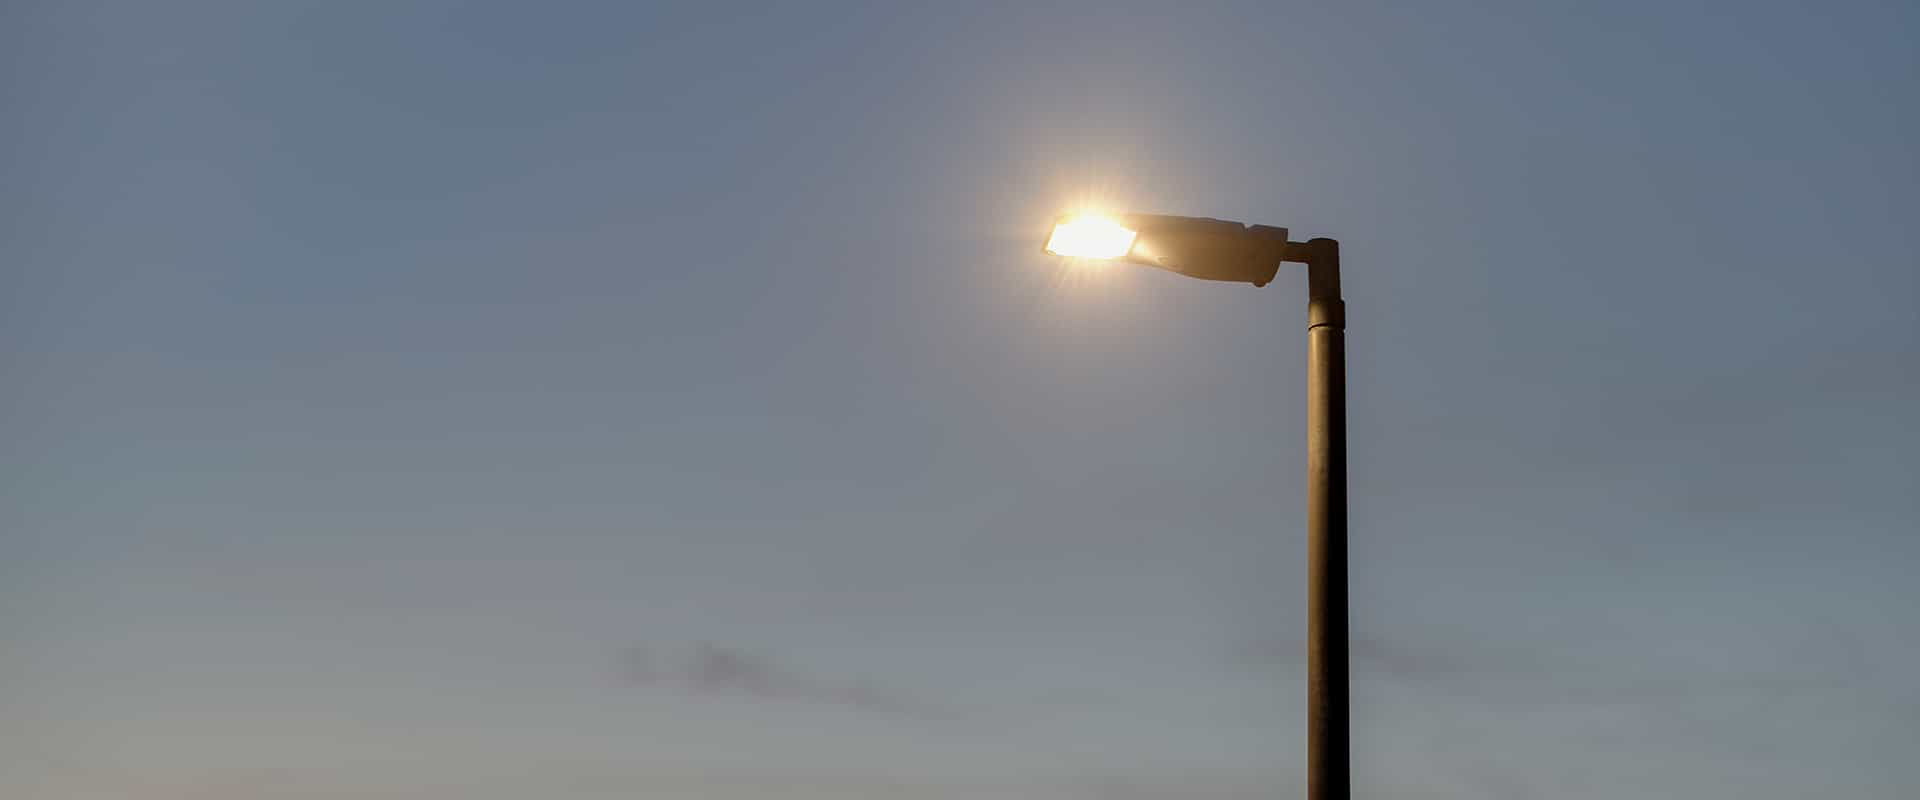 Arquiled Iluminação Pública LED - Projeto - Moita